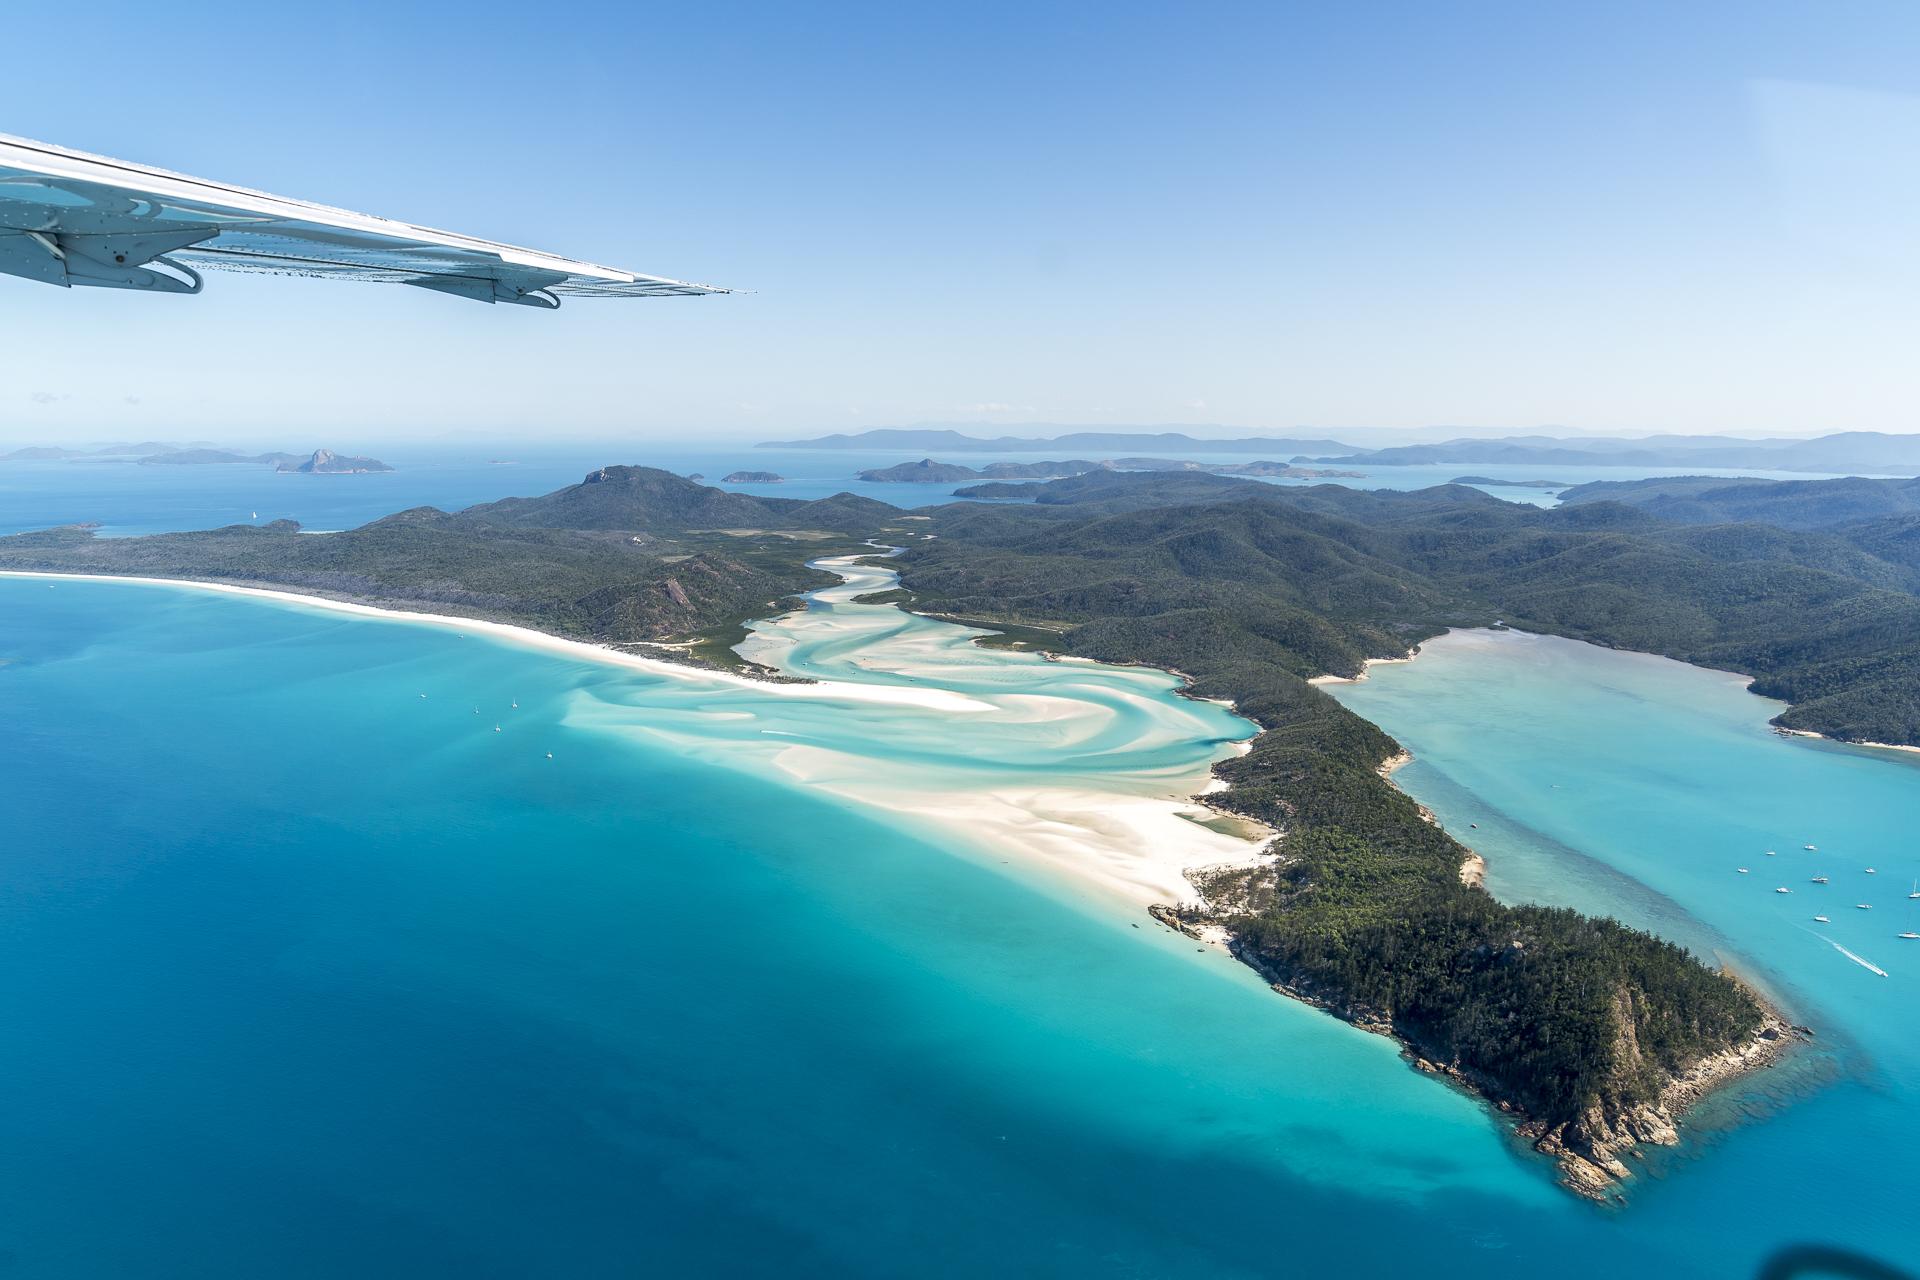 Flight over Whitsunday Islands